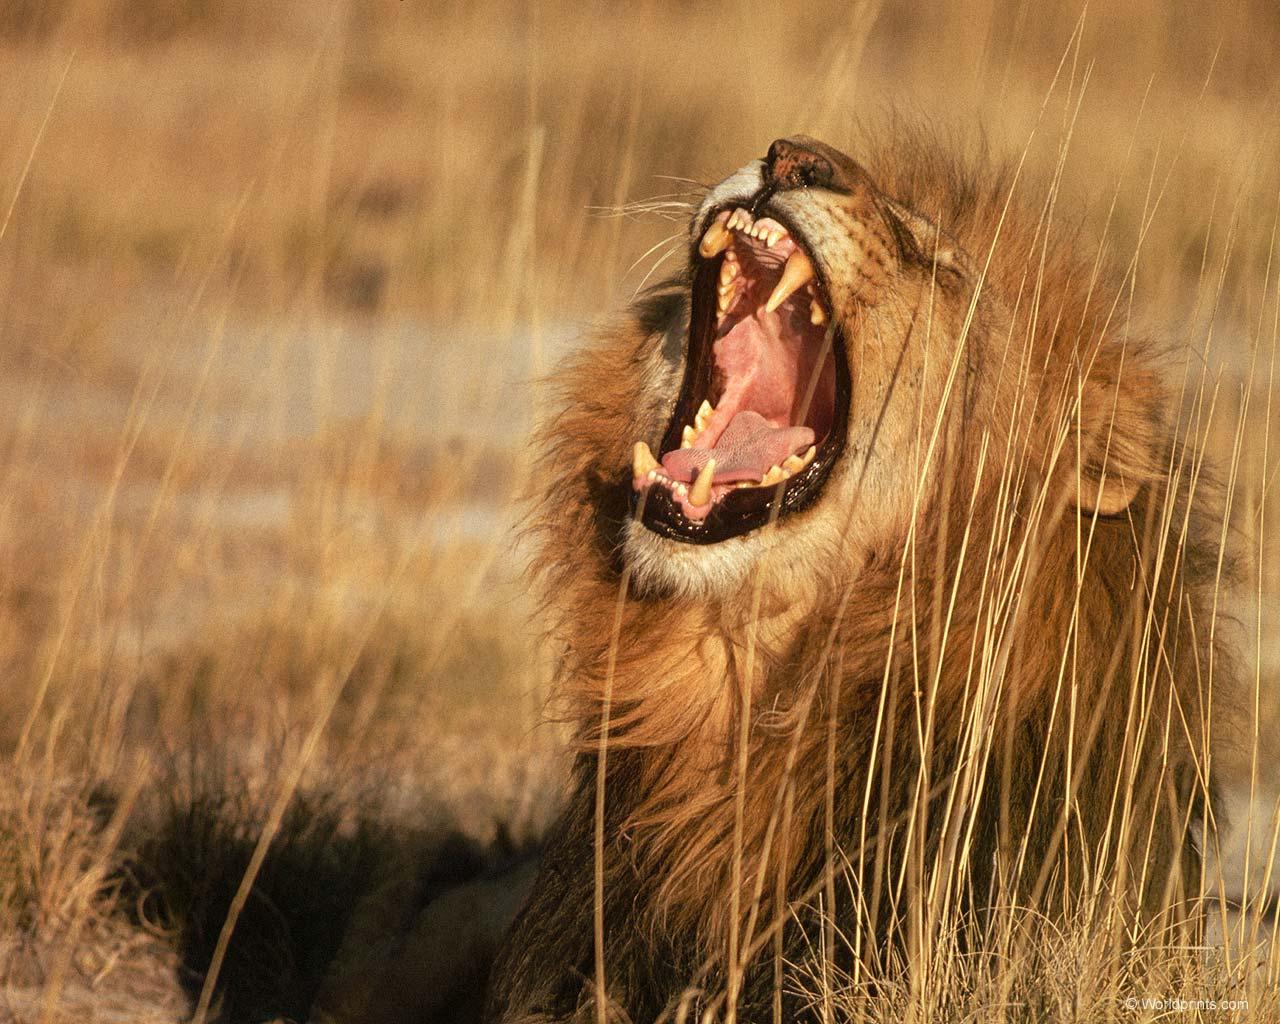 лев зевает, скачать фото, обои на рабочий стол, lion wallpaper